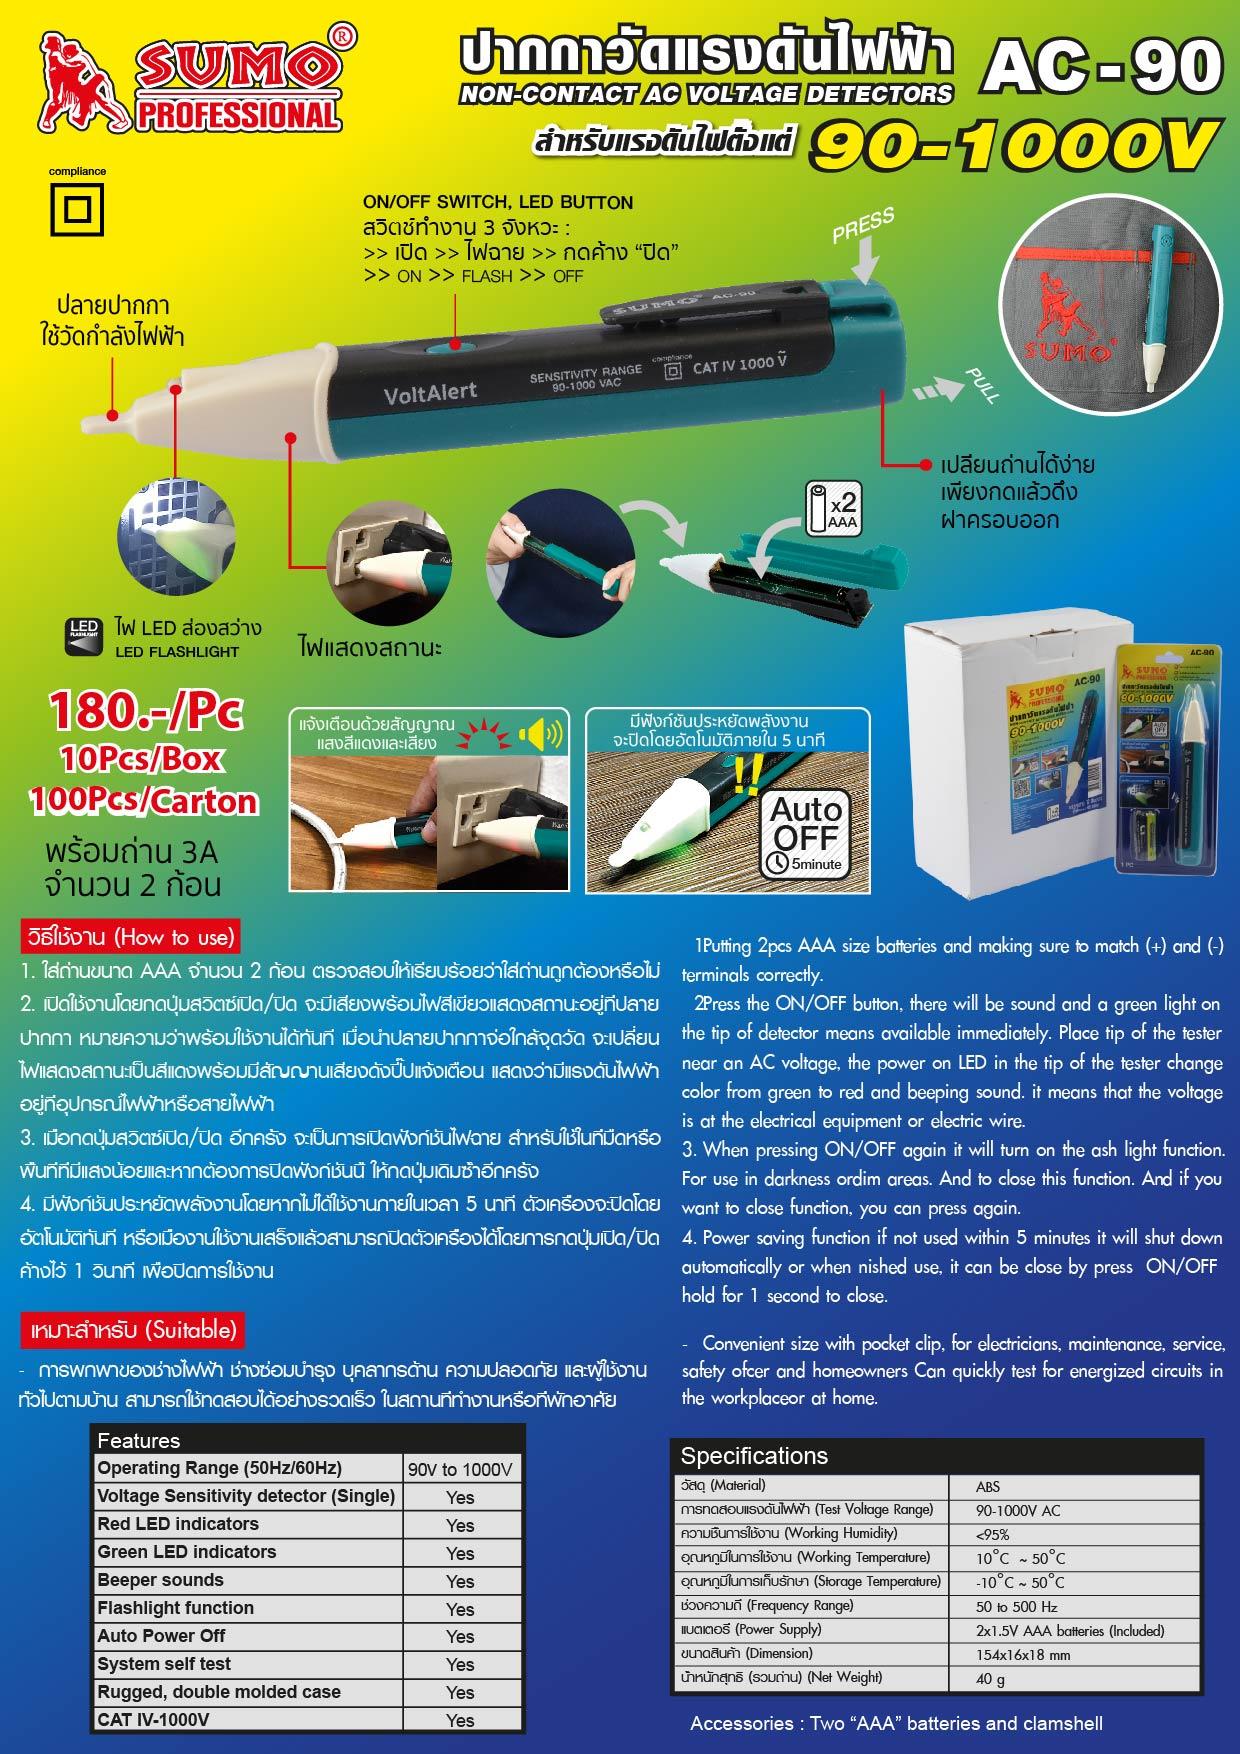 (39/106) ปากกาวัดแรงดันไฟฟ้า AC-90